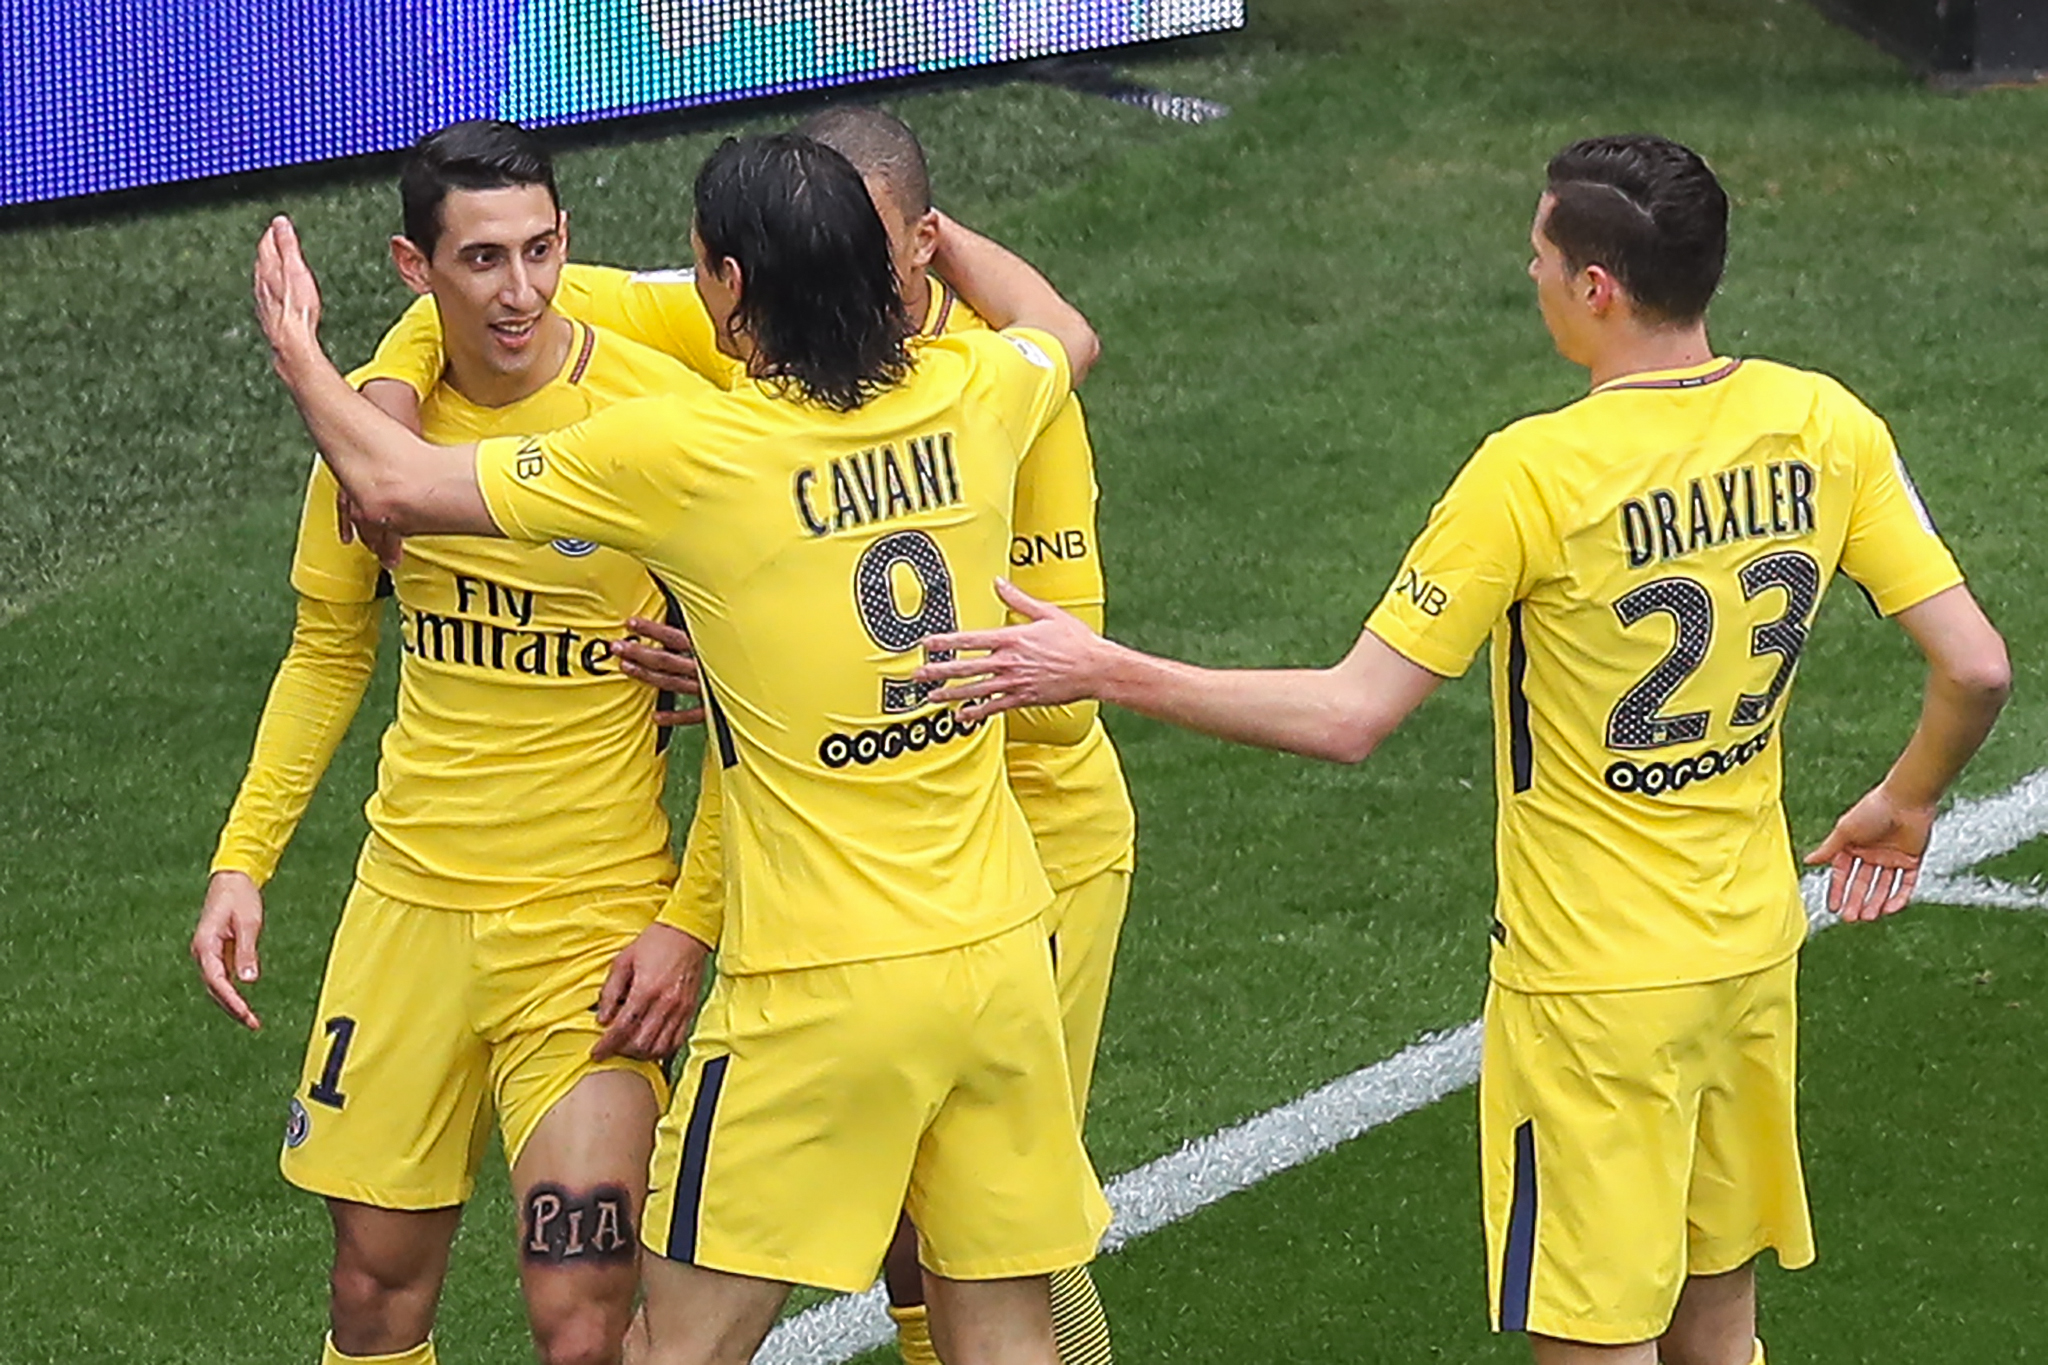 PSG sufrió, pero se llevó tres puntos en su visita al Niza por la Ligue 1